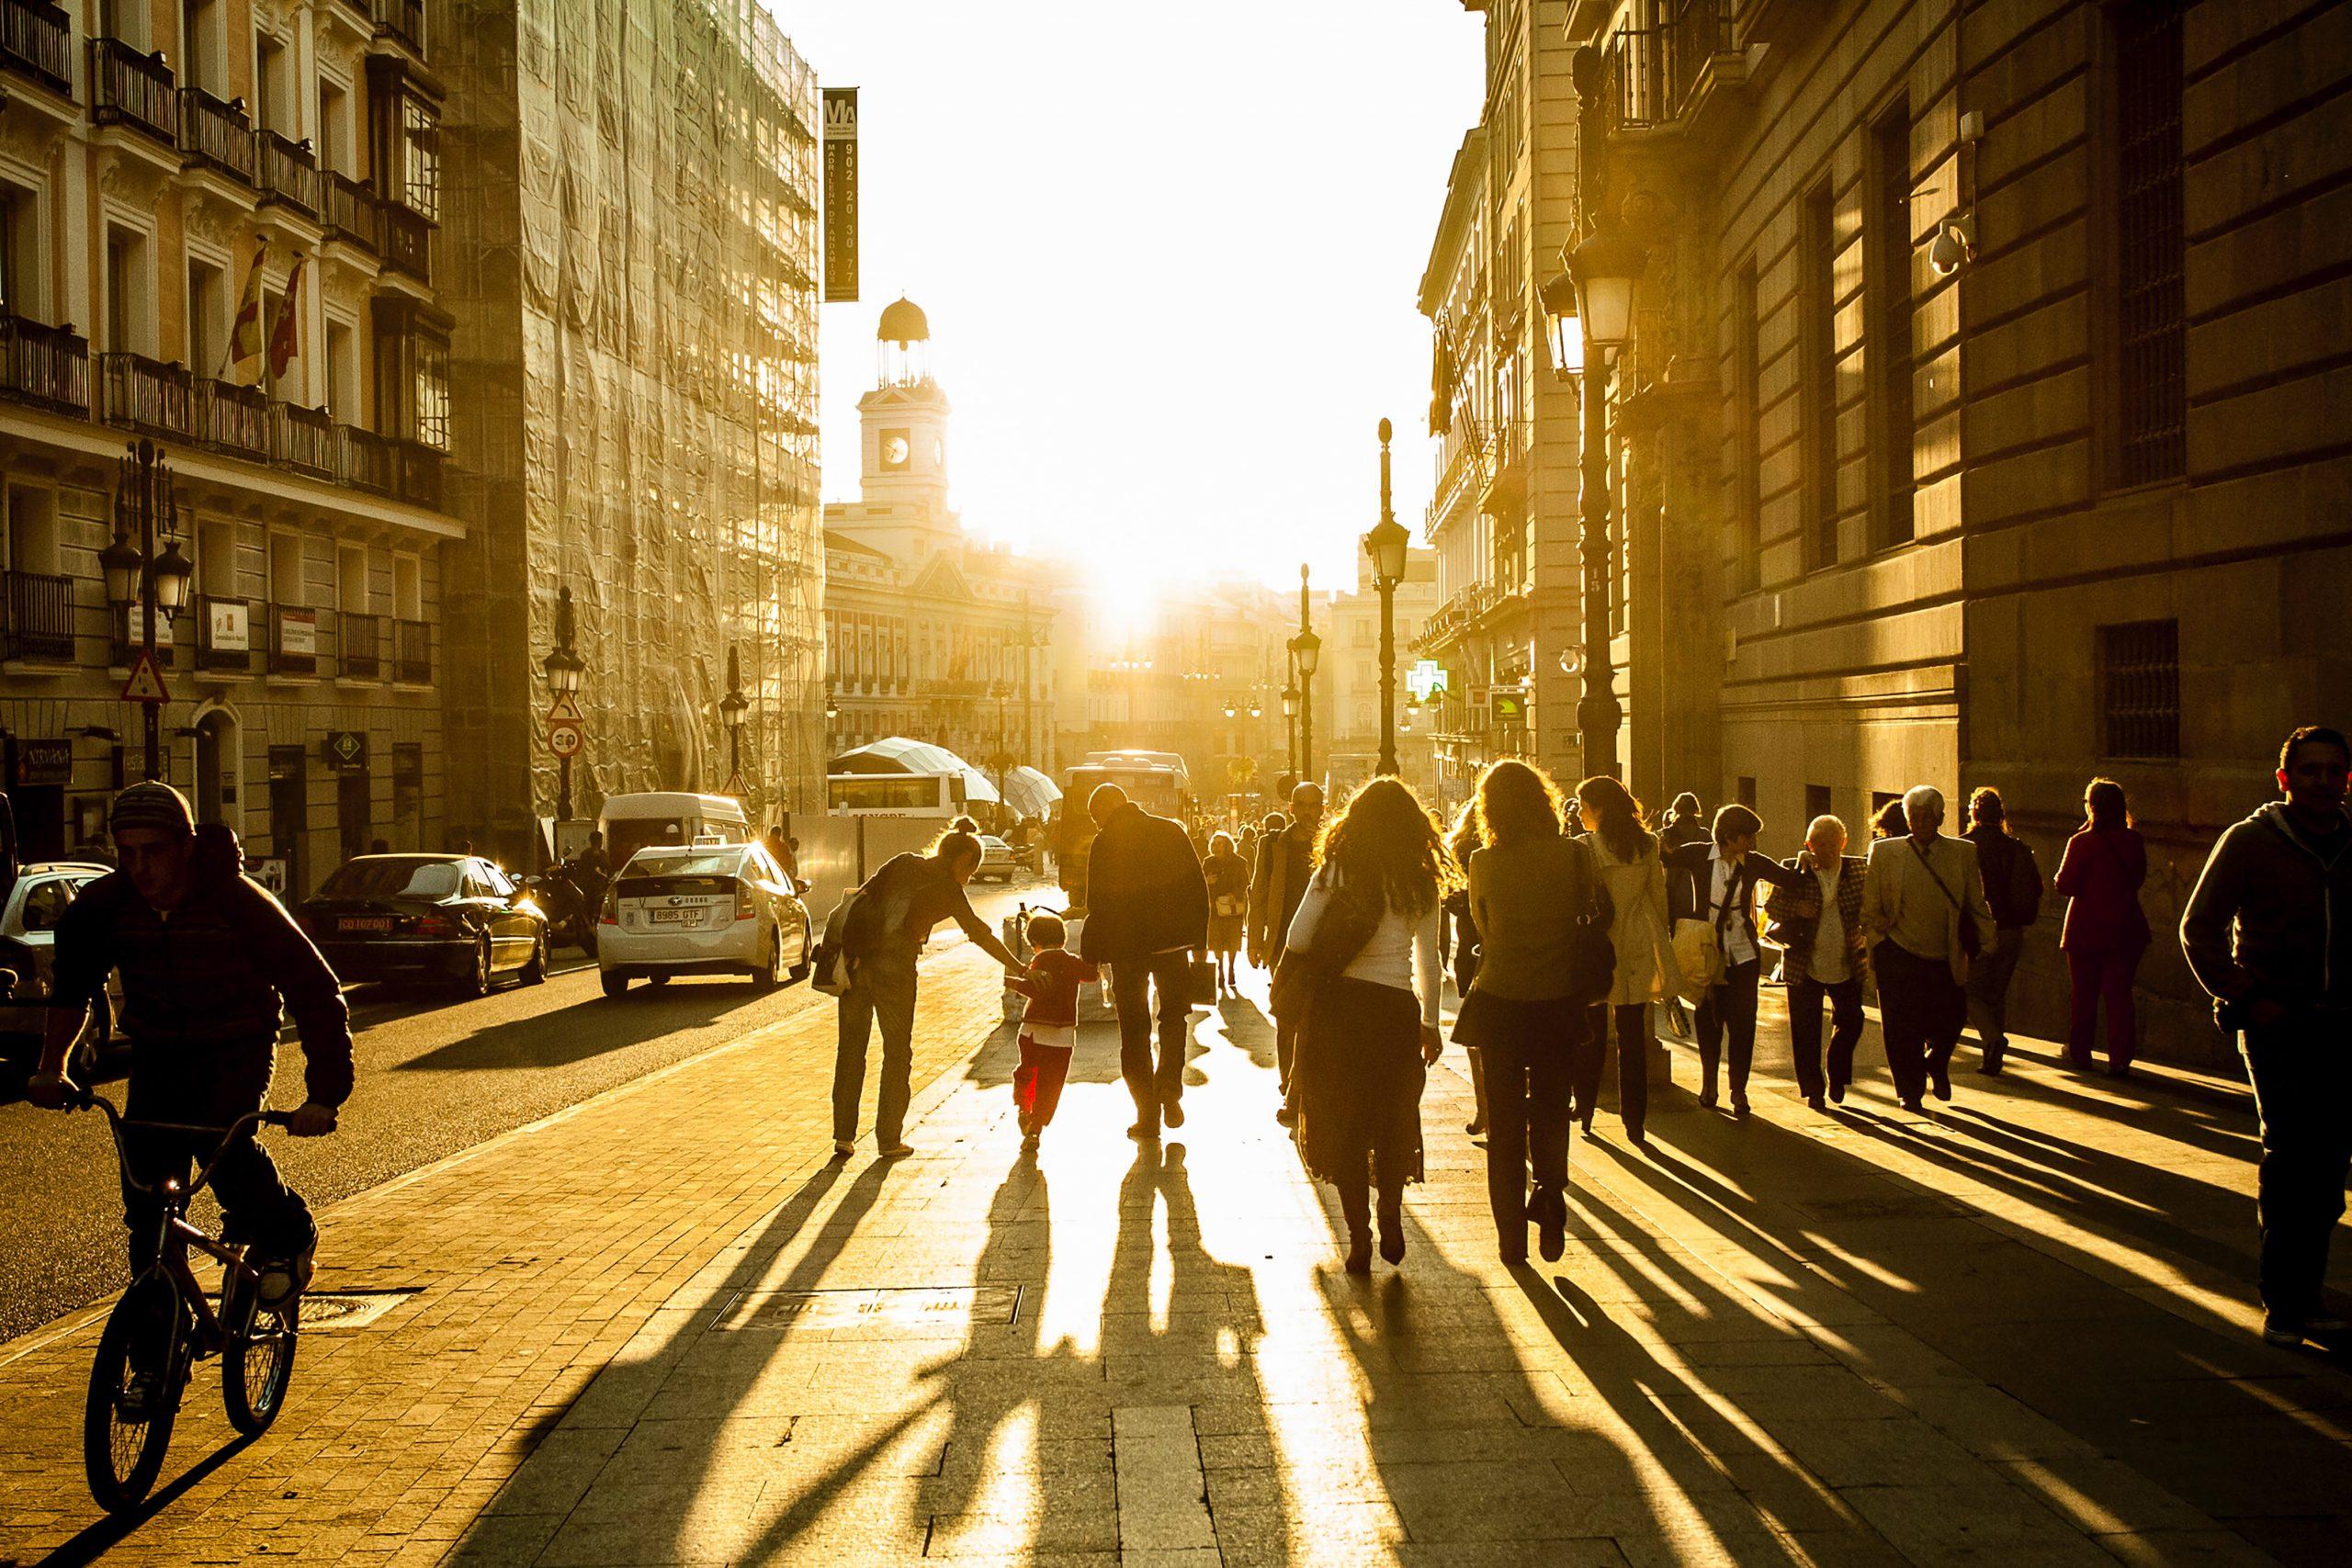 Por produtividade em alta, semana com quatro dias úteis vira tendência